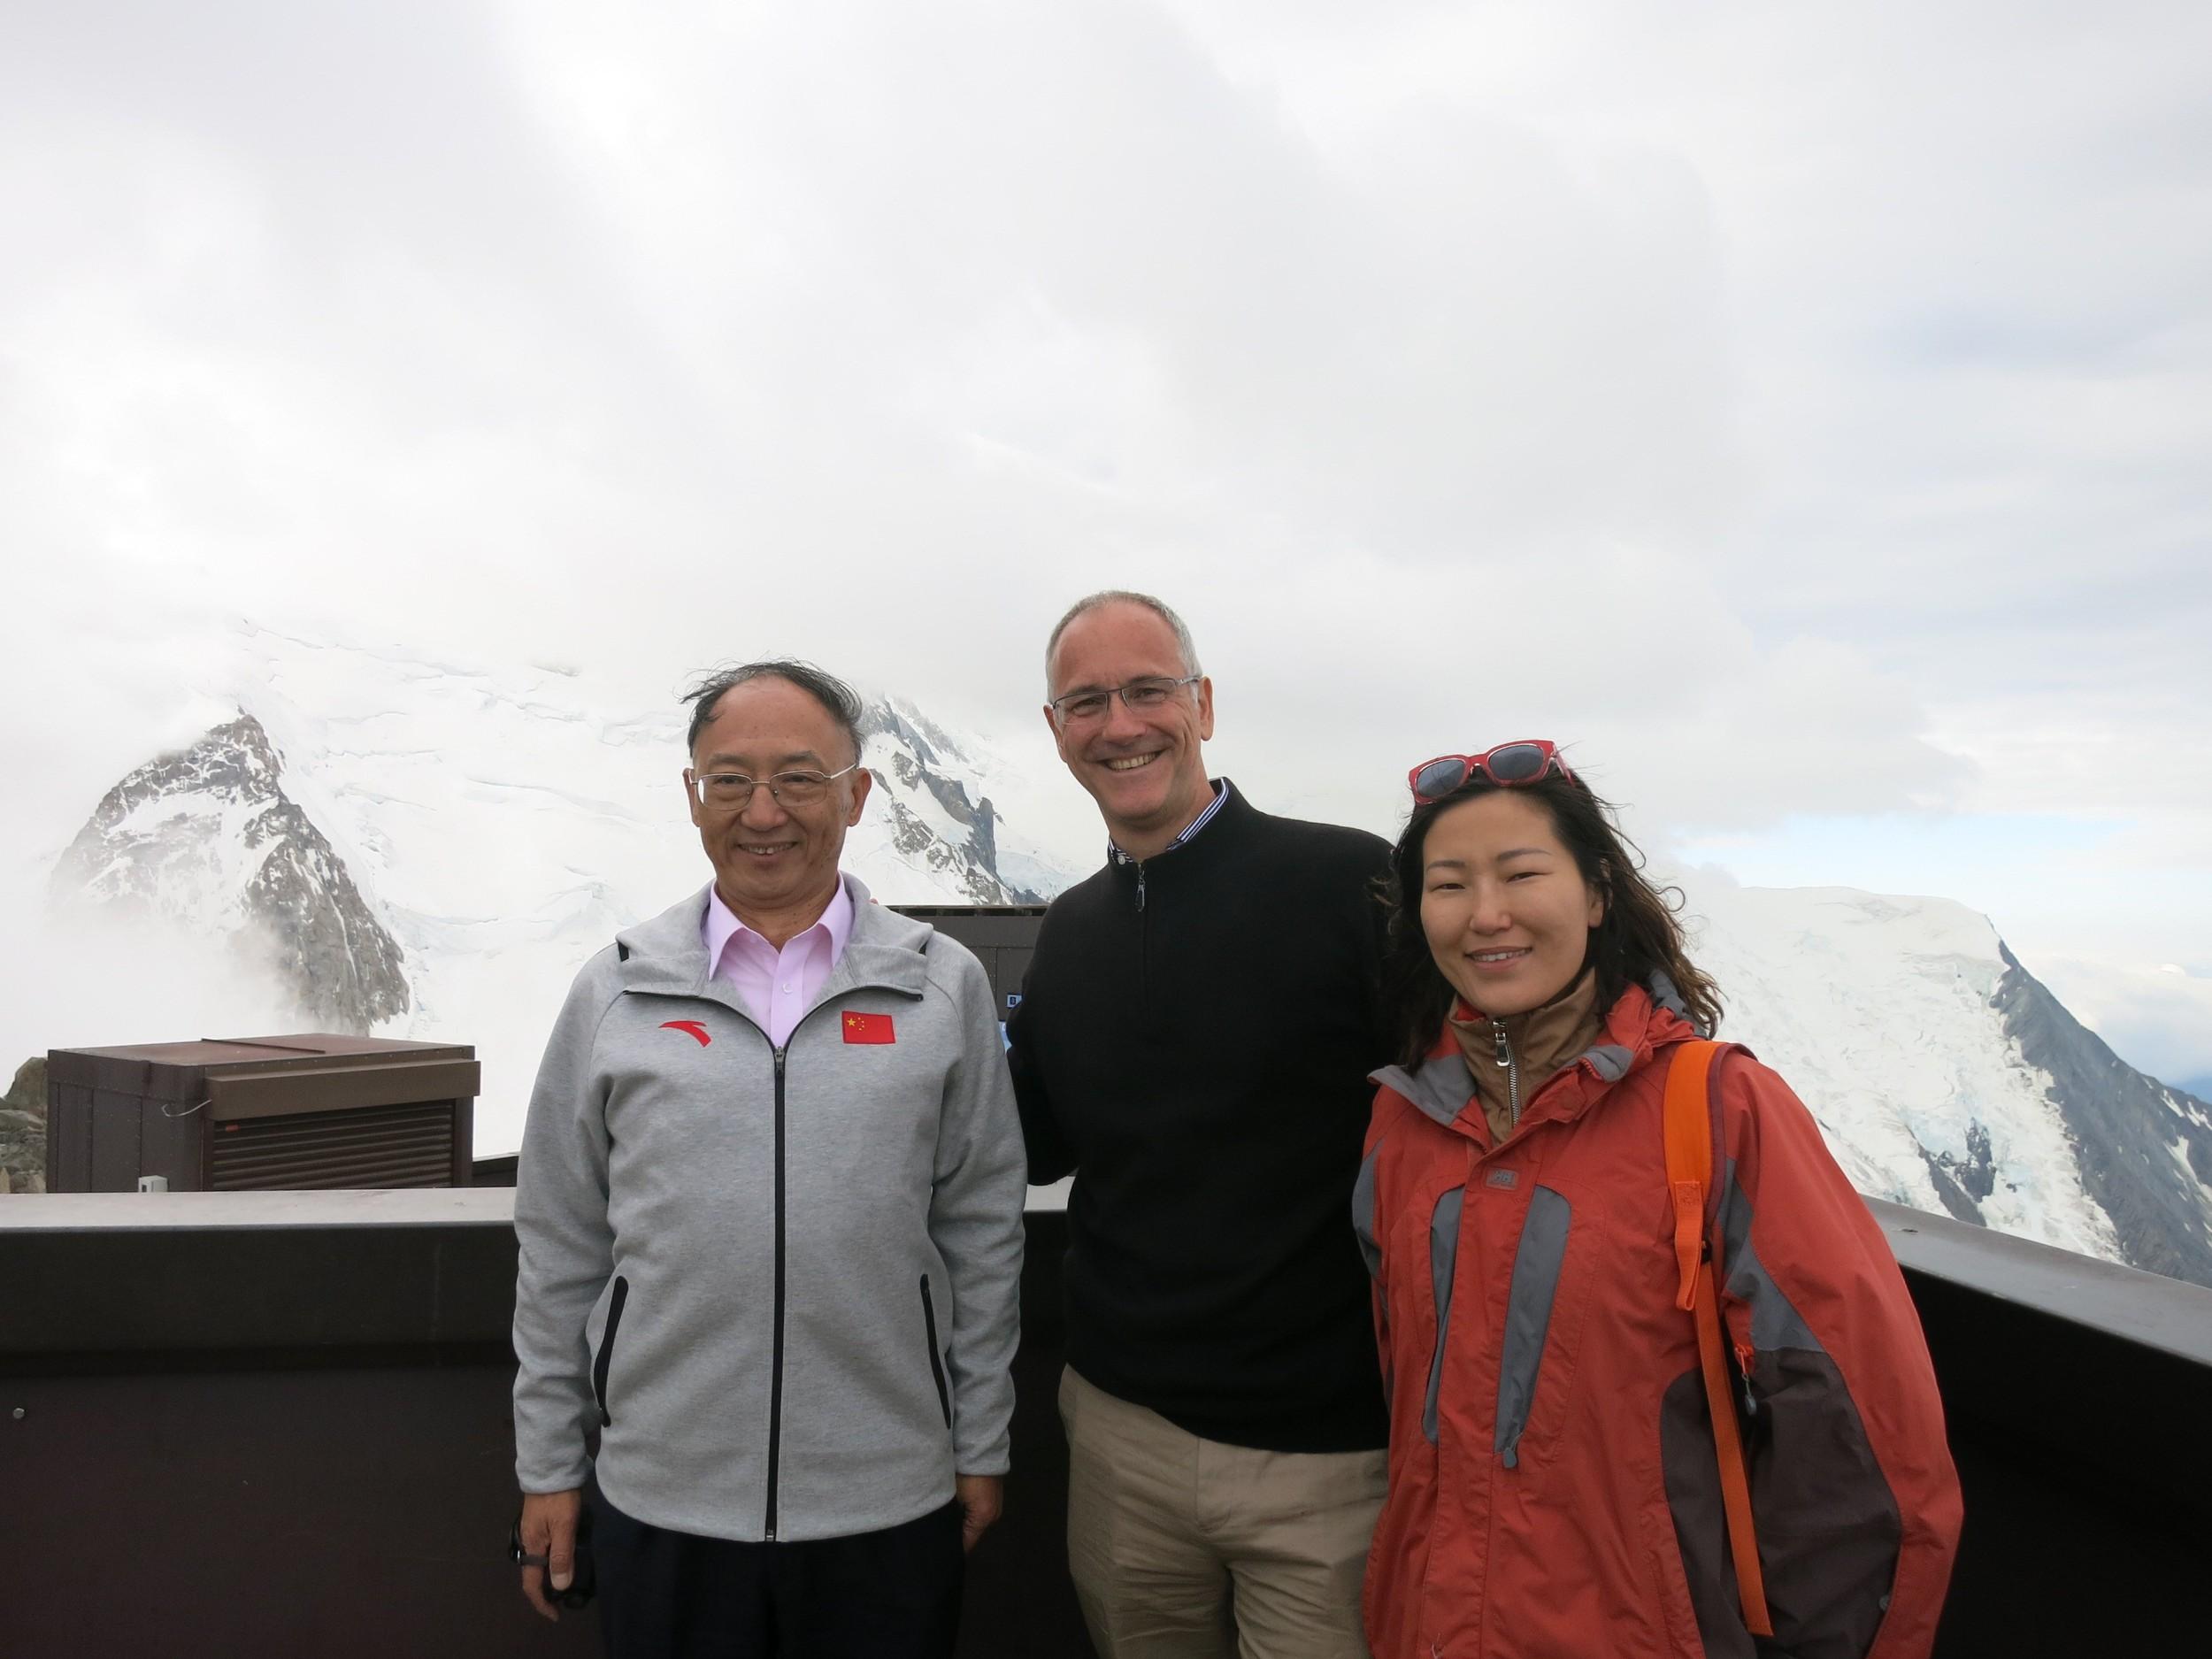 Mr. LIU Peng and NDA's CEO Emmanuel DELARUE, Vice President Qiu Yang